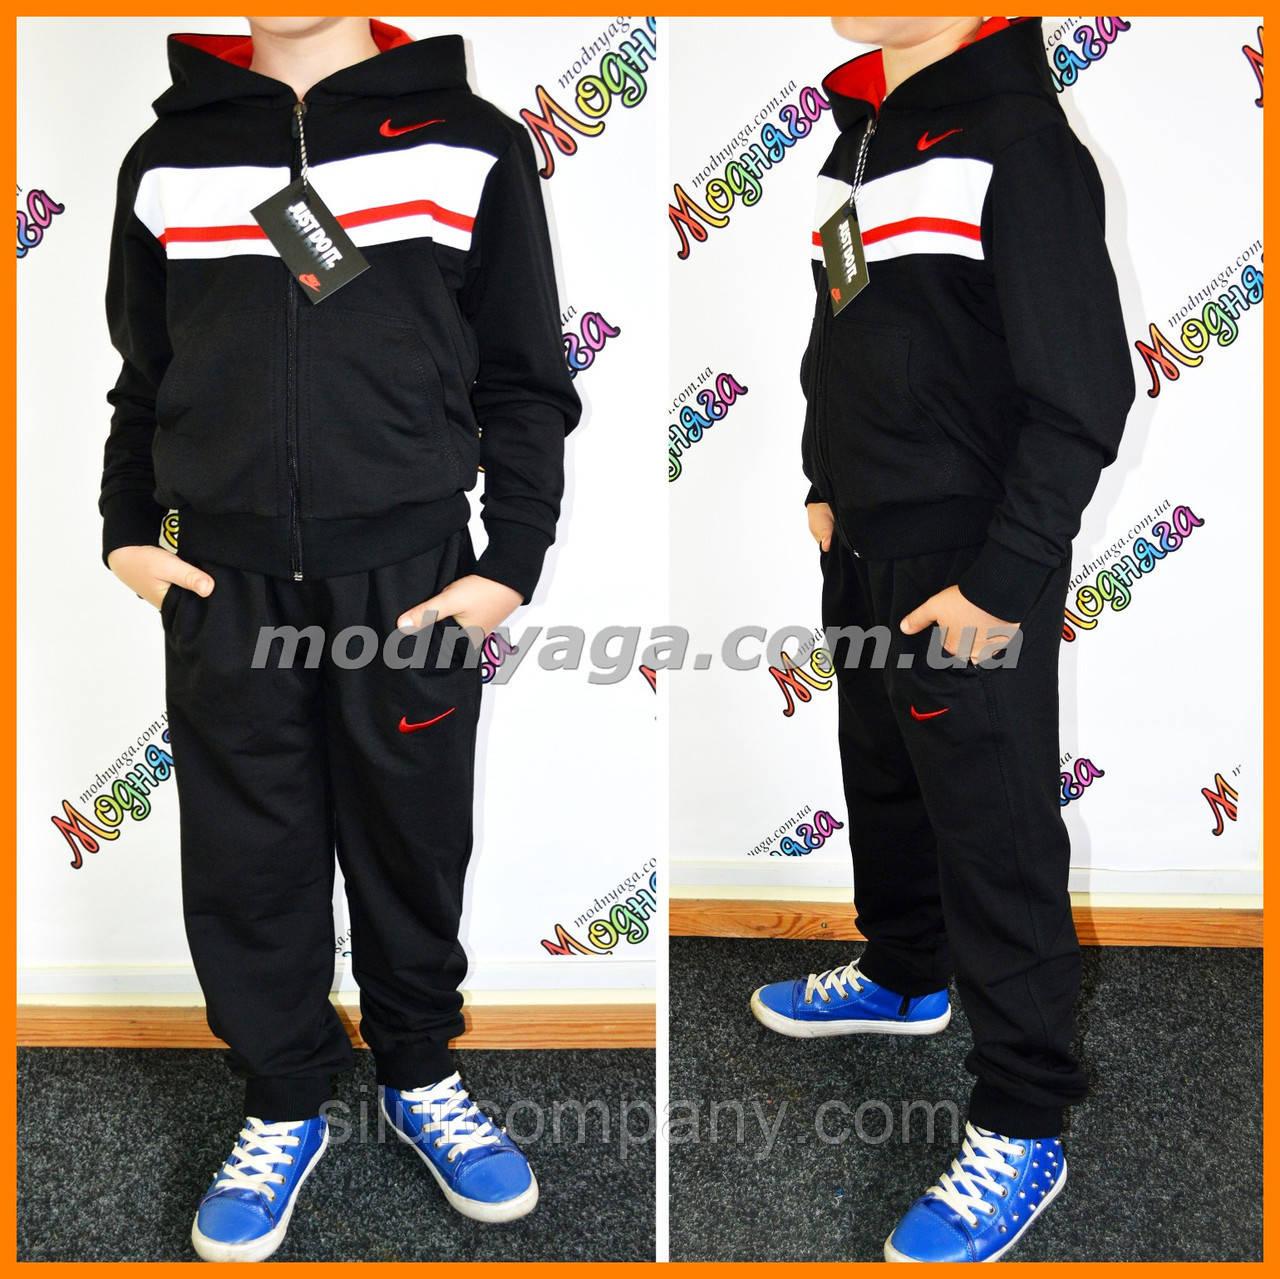 Спортивный костюм теплый украина   утепленный костюм для мальчика Nike,  фото 1 -8% Скидка. Спортивный костюм ... 65691ca3b21